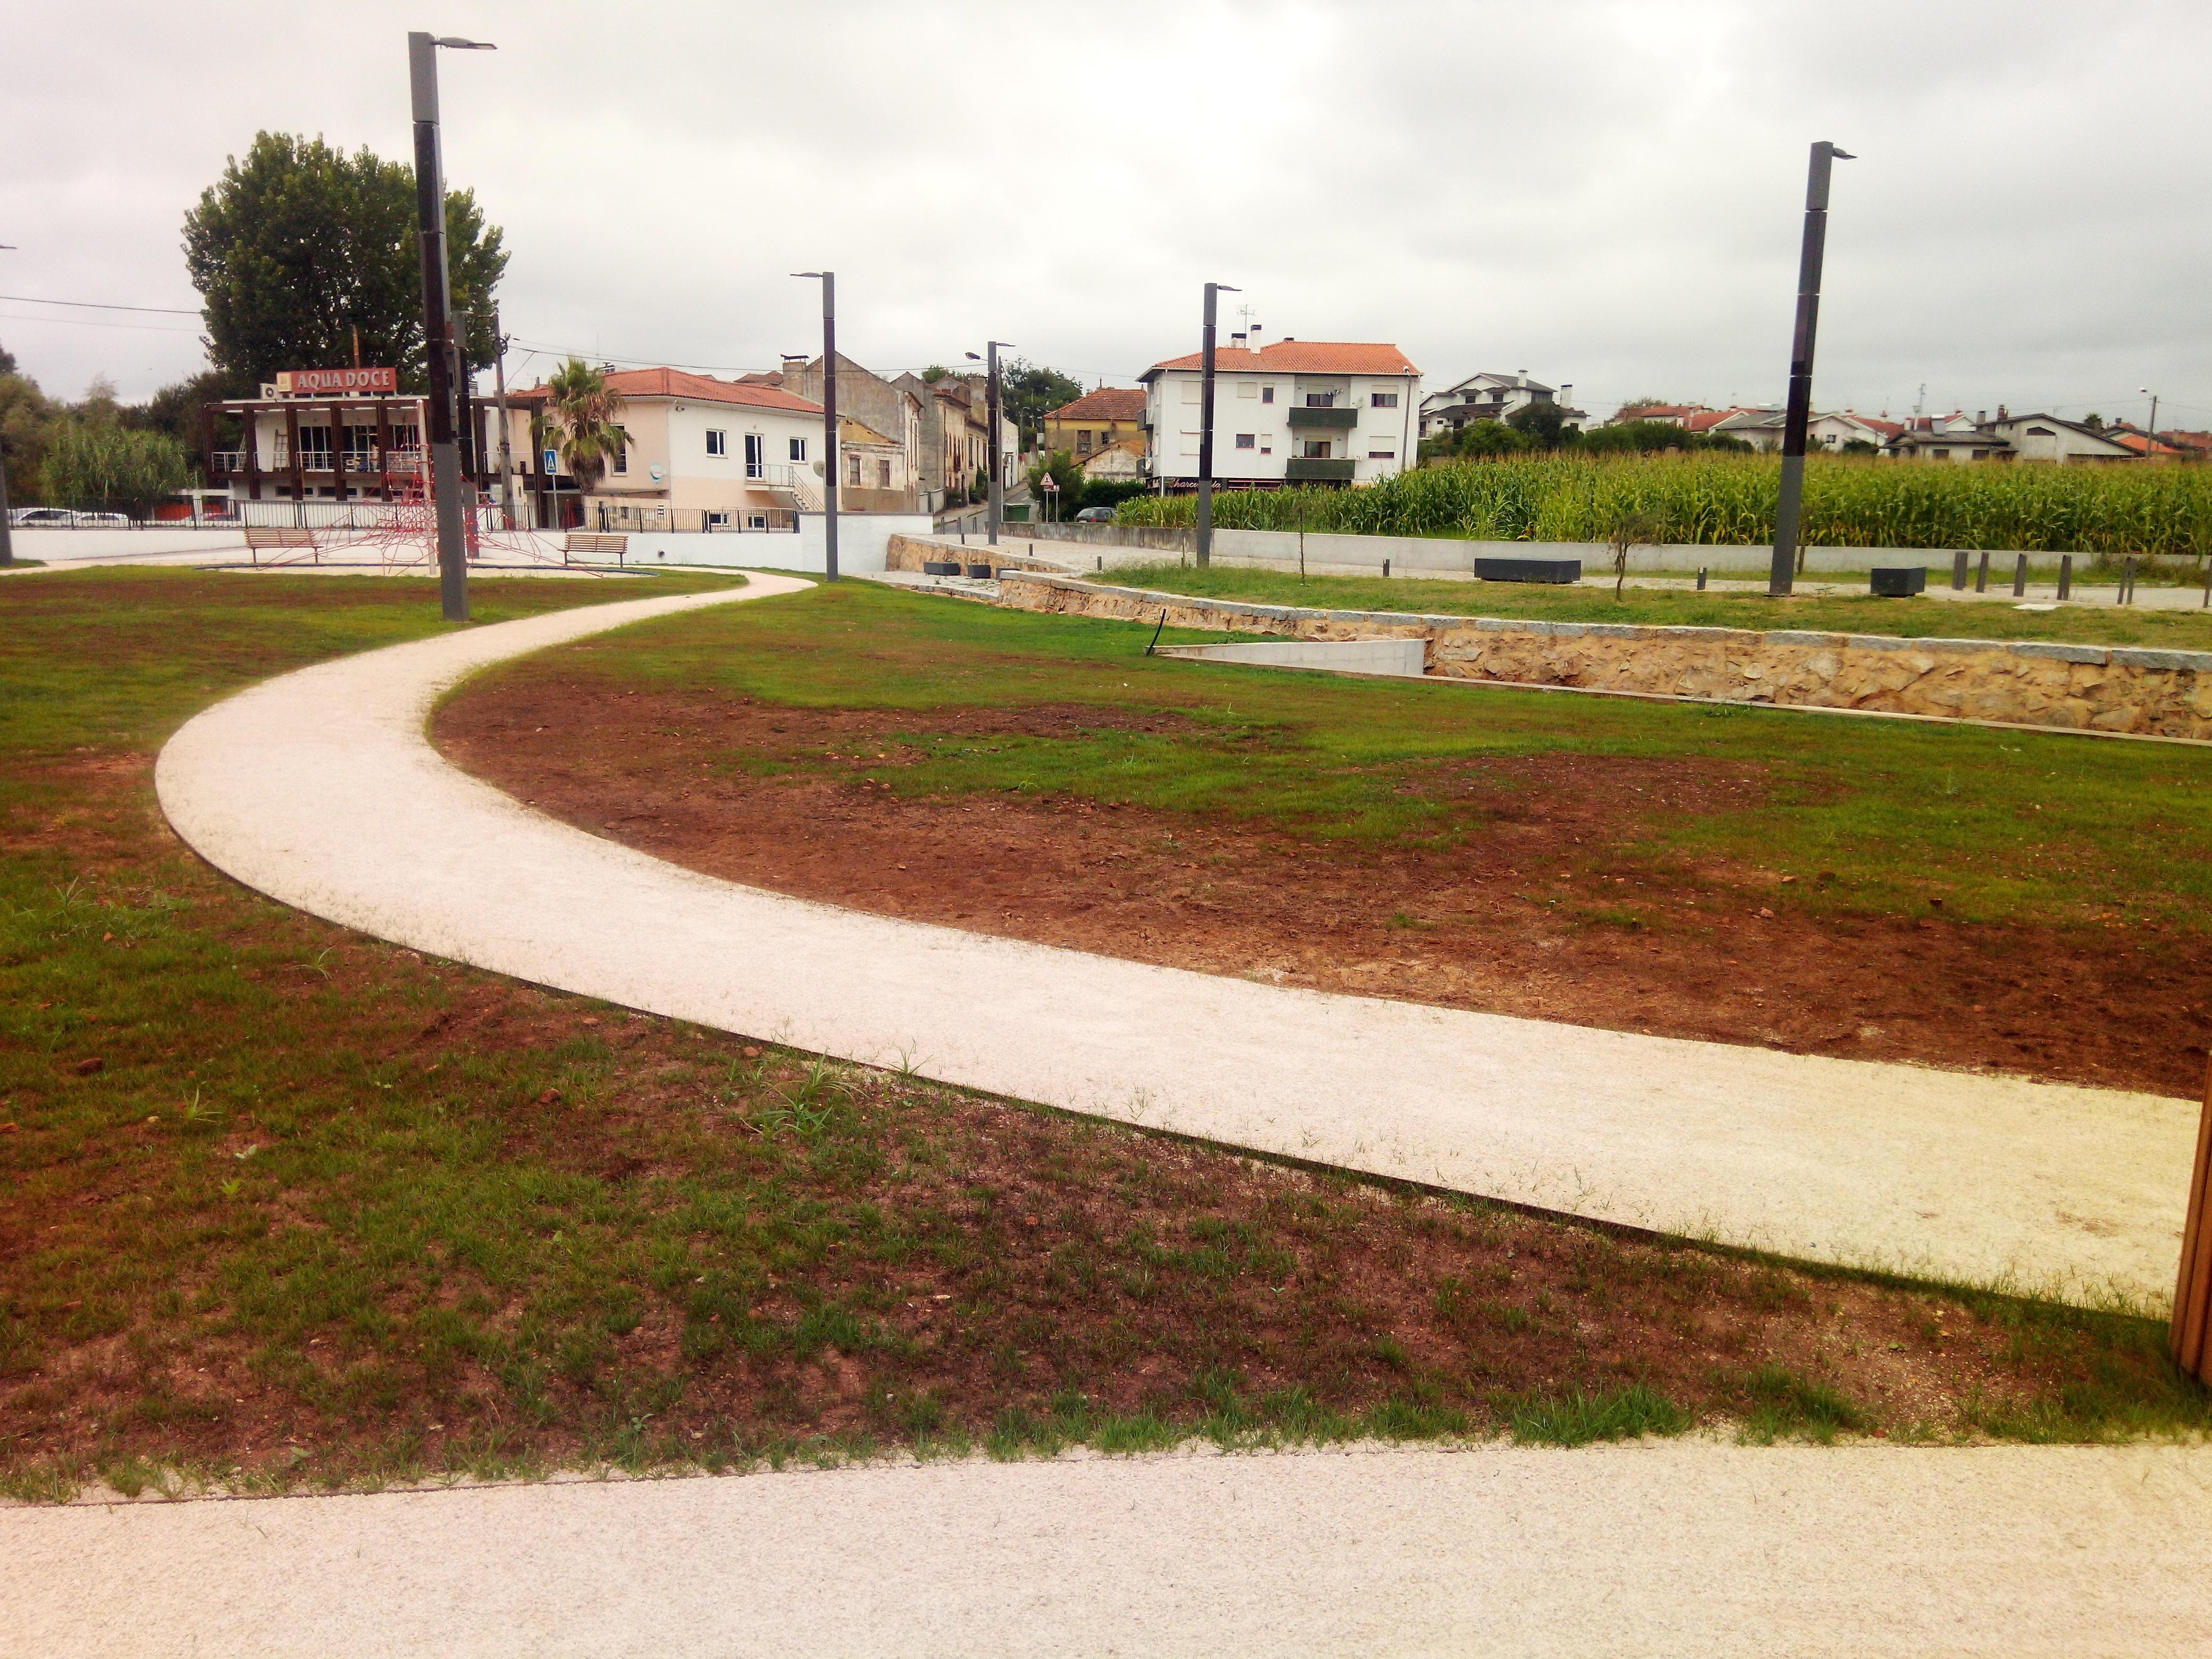 Requalificação de parque urbano - Aguada de Cima 2018